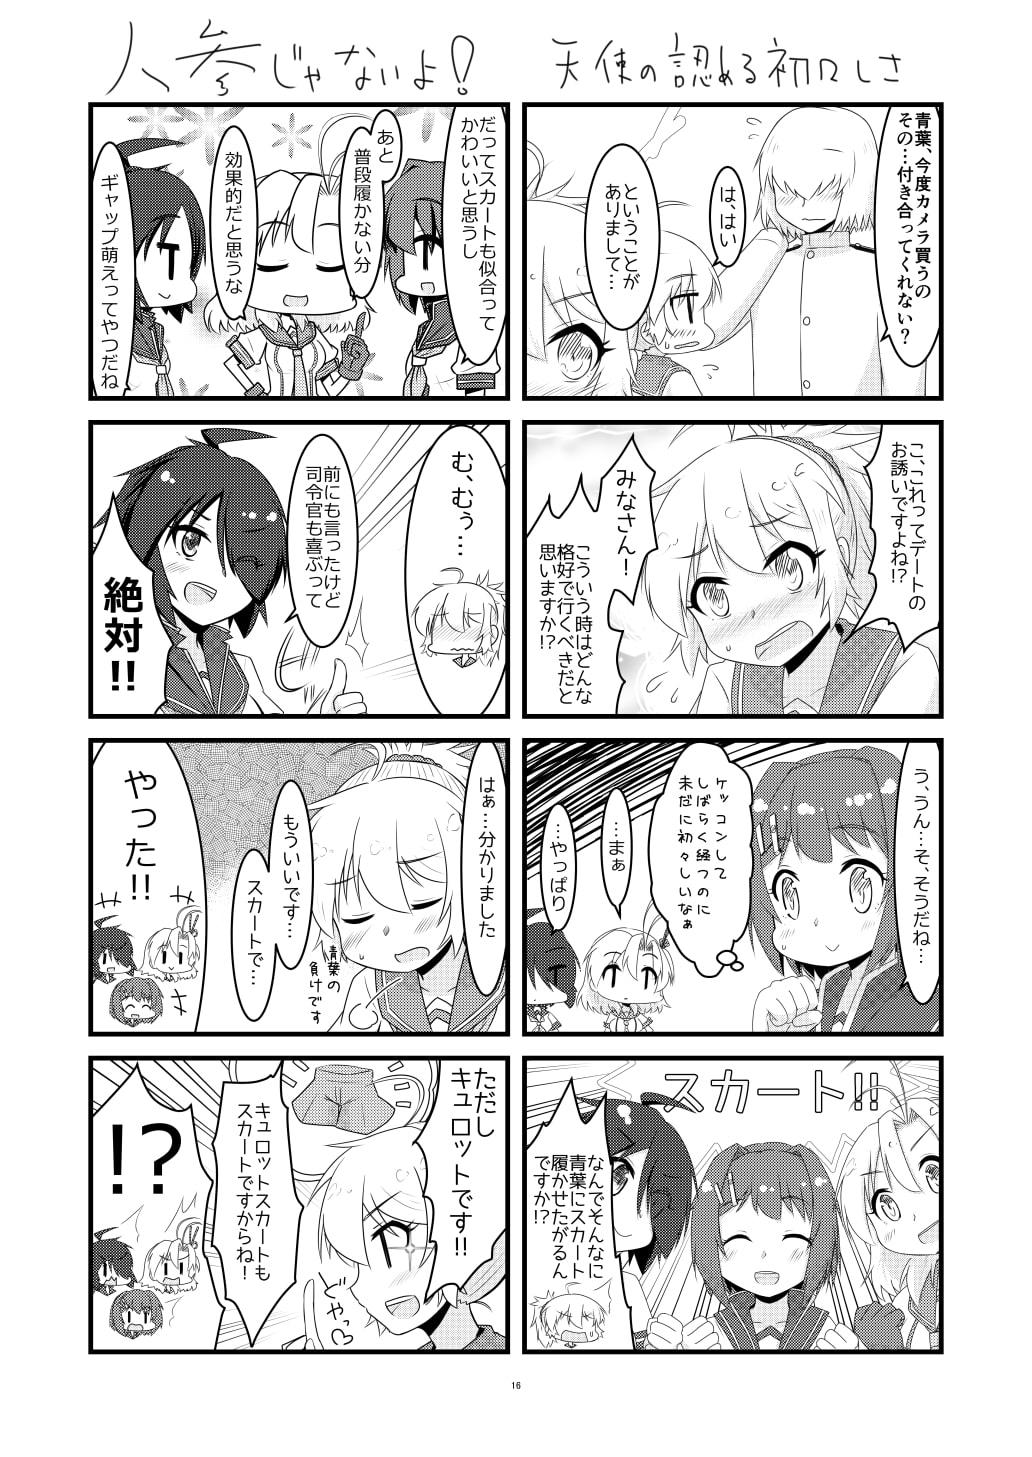 青葉ト第六戦隊ト普通ノ司令官